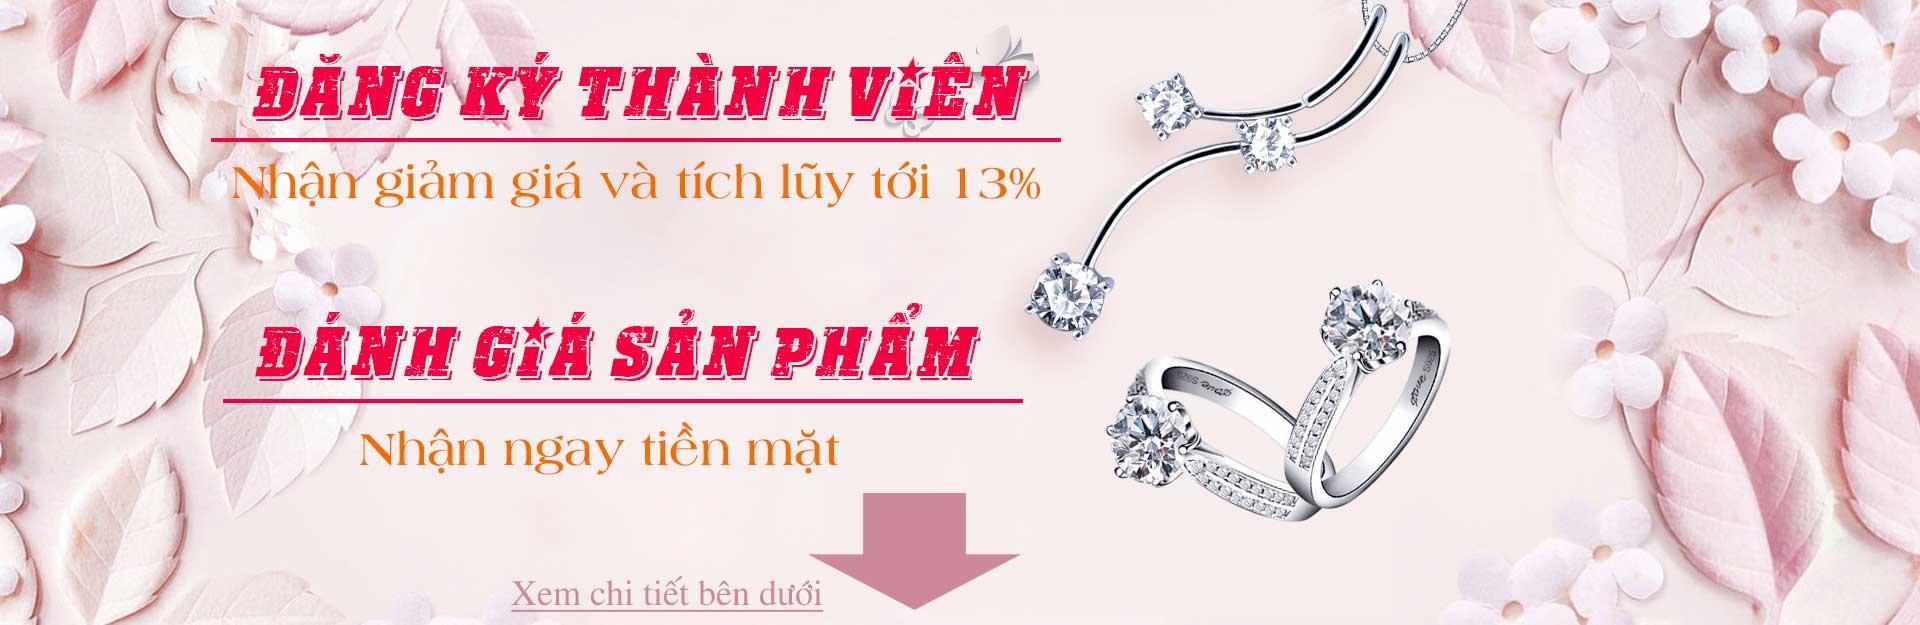 Banner TrangChu DangKyThanhVien DanhGia F